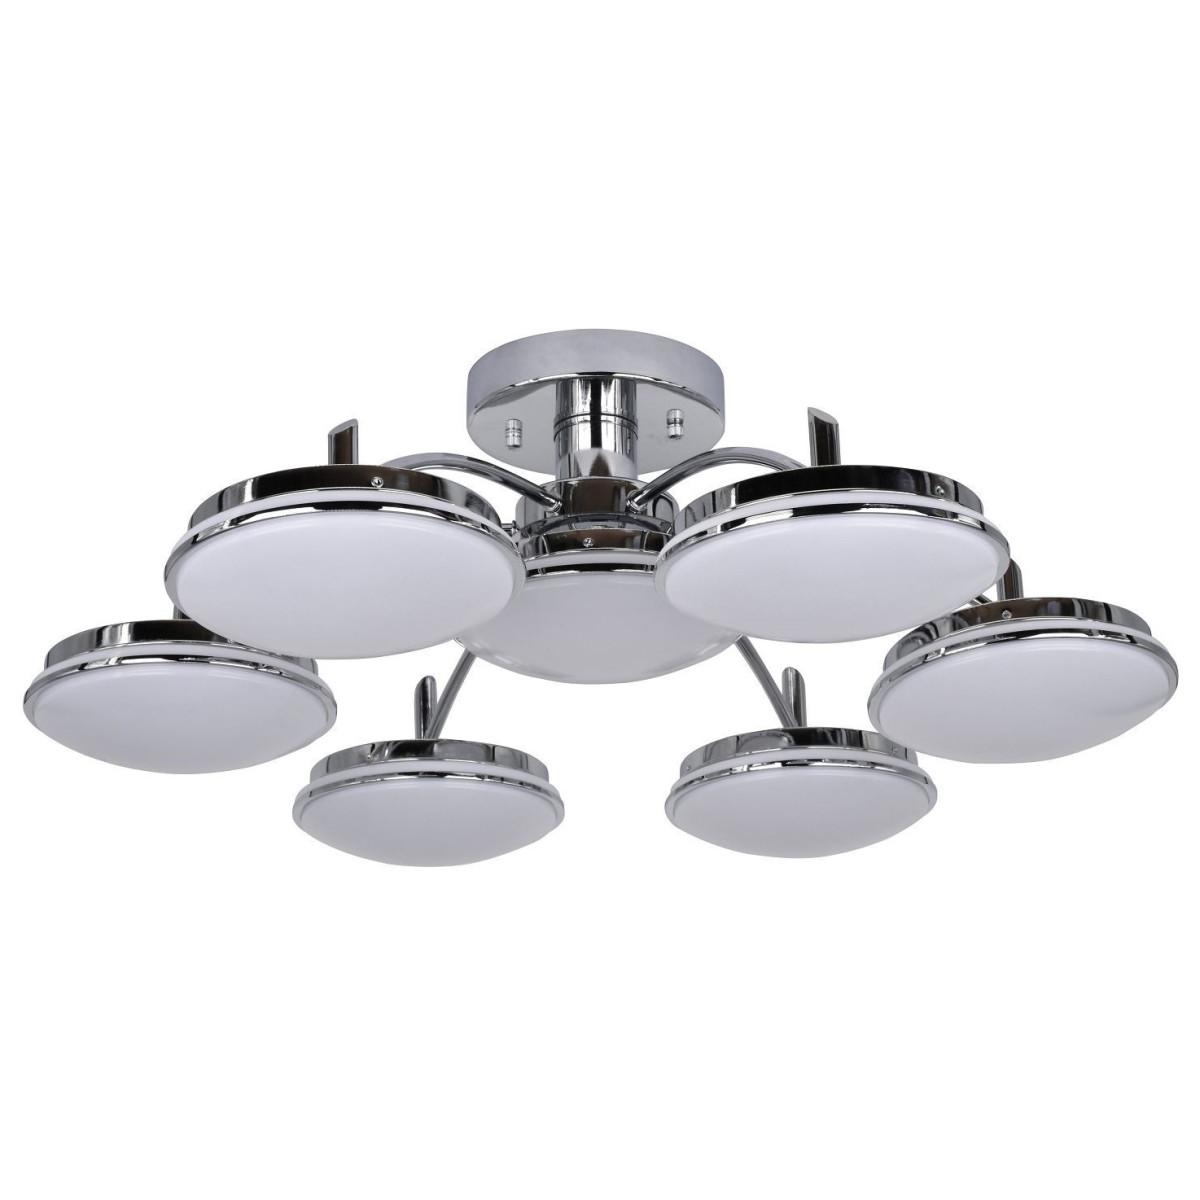 Люстра светодиодная F-Promo Ledante 2472-7P 7 ламп 34 м²